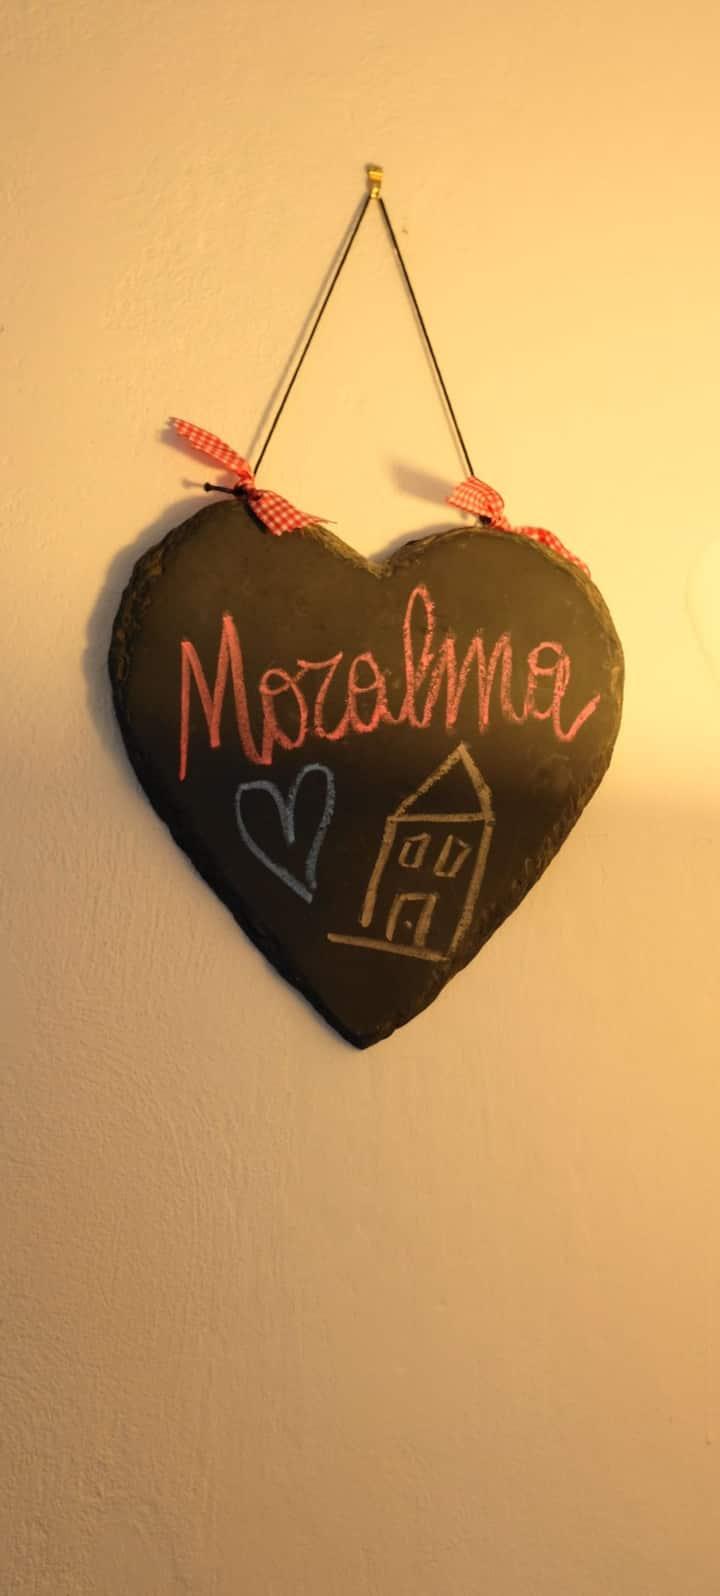 Casavacanze  MorAlma  011027-LT-0125